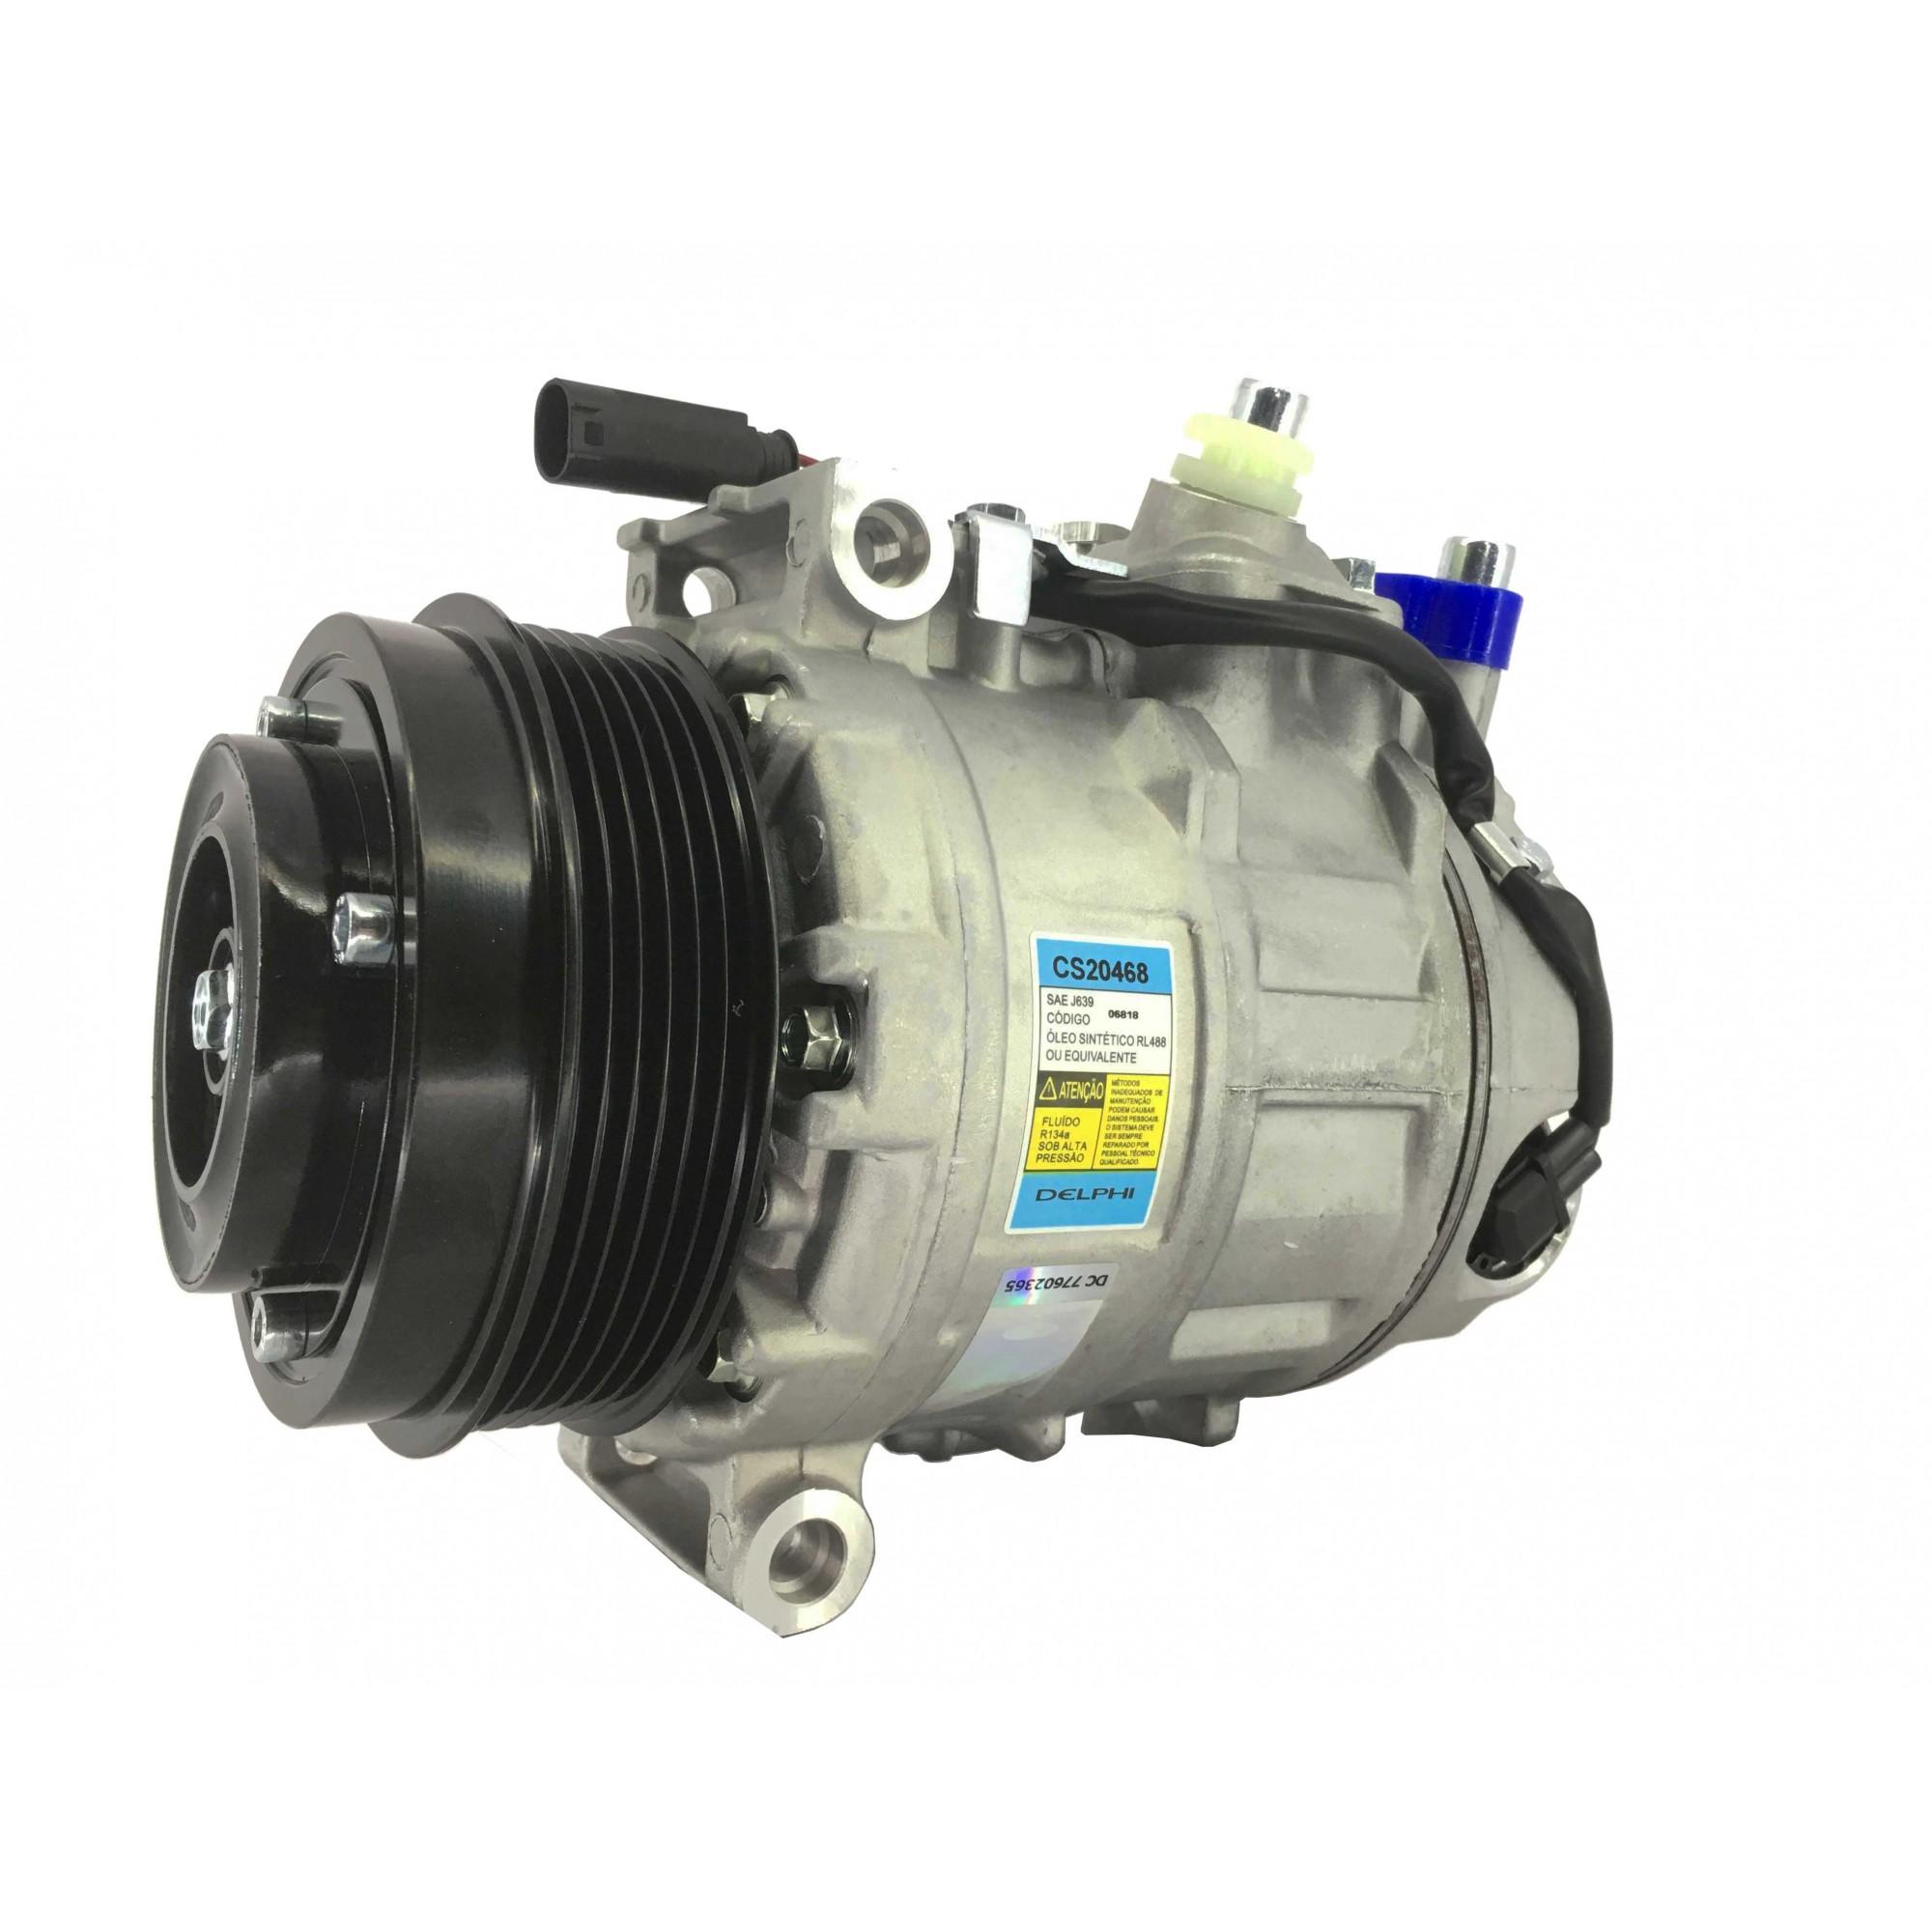 Compressor Sprinter 311-415-515 - Original DELPHI